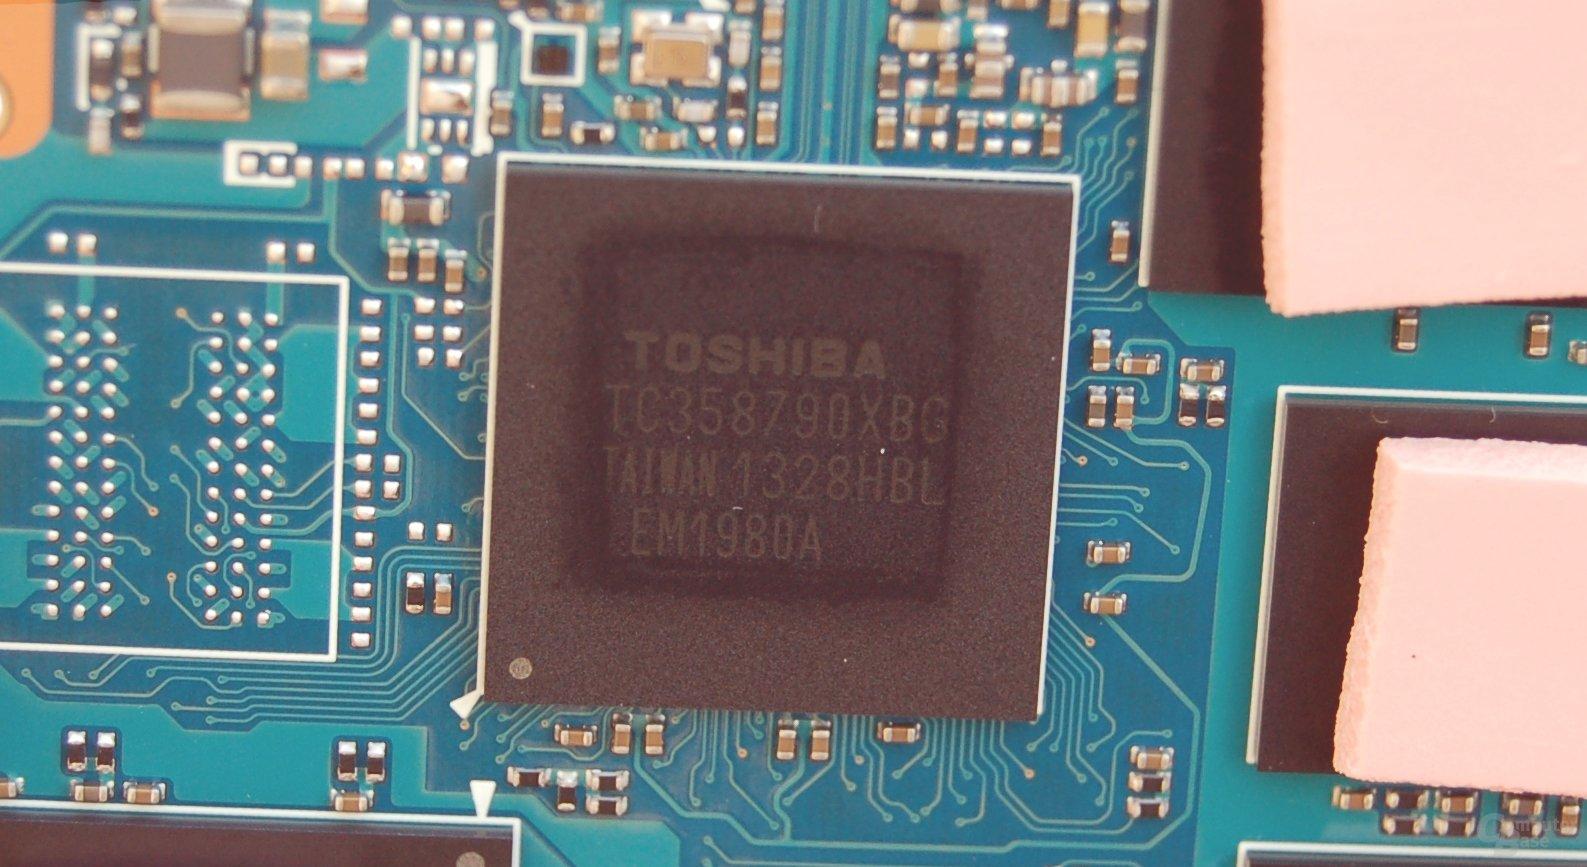 TC358790XBG-Controller von Toshiba